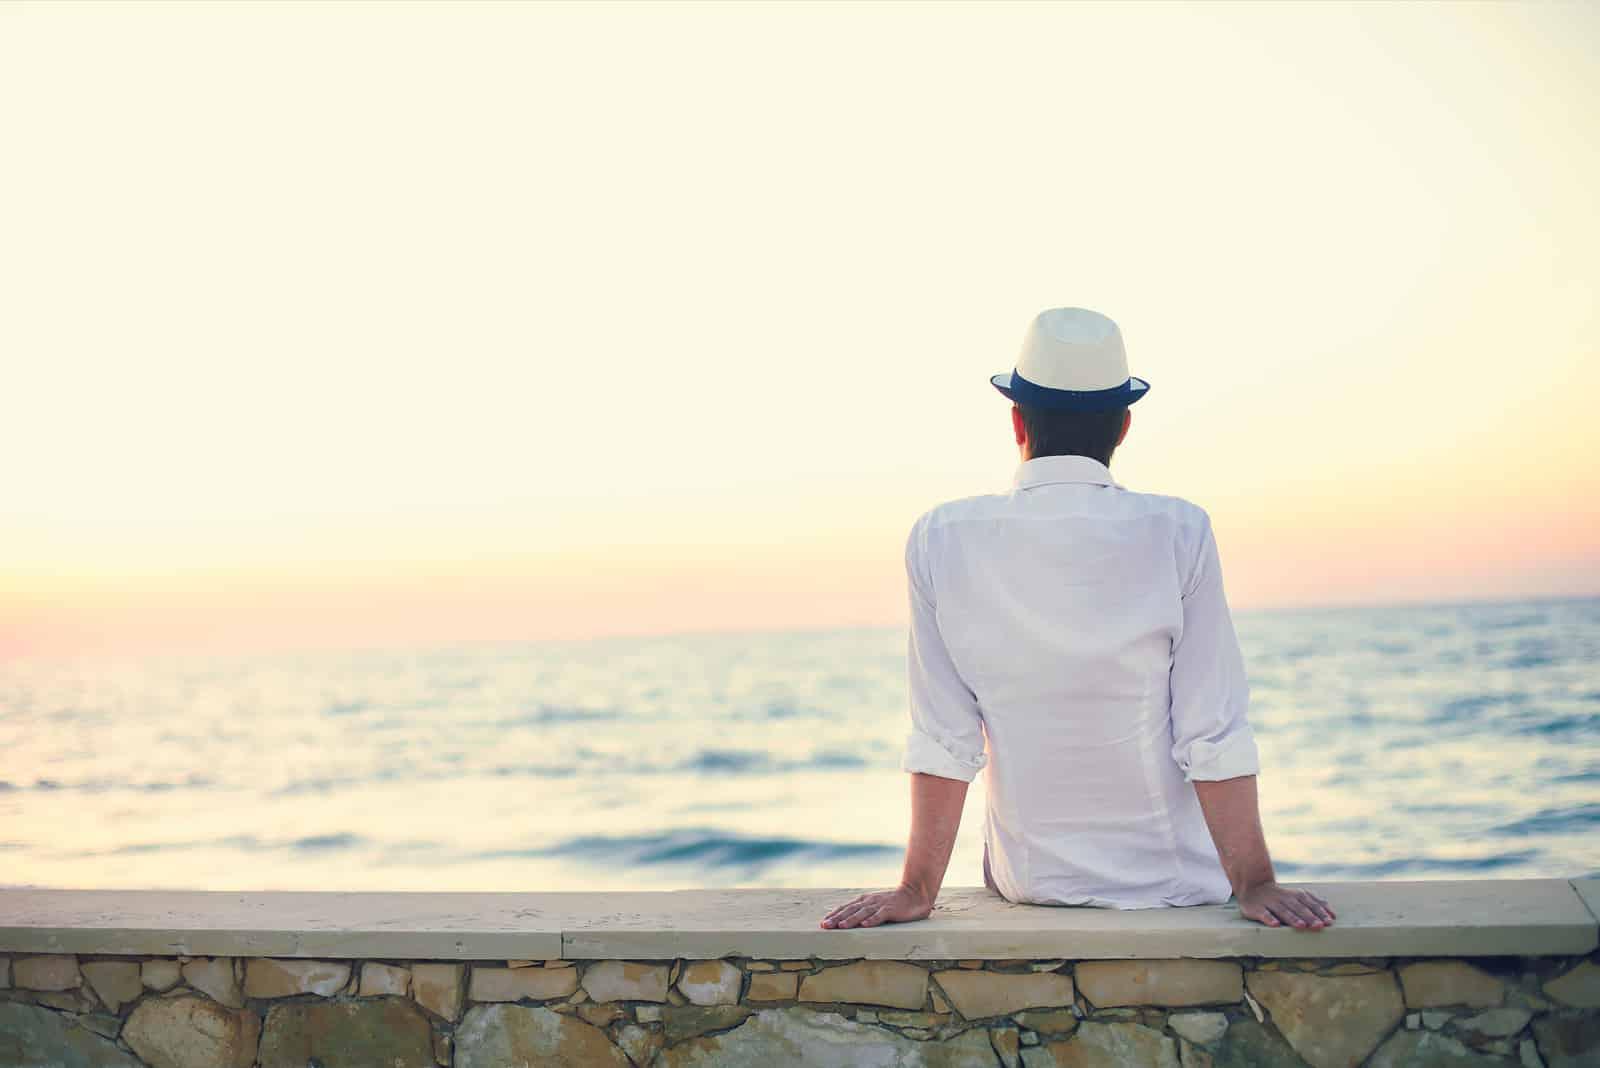 un homme avec un chapeau sur la tête est assis près du rivage et regarde la mer